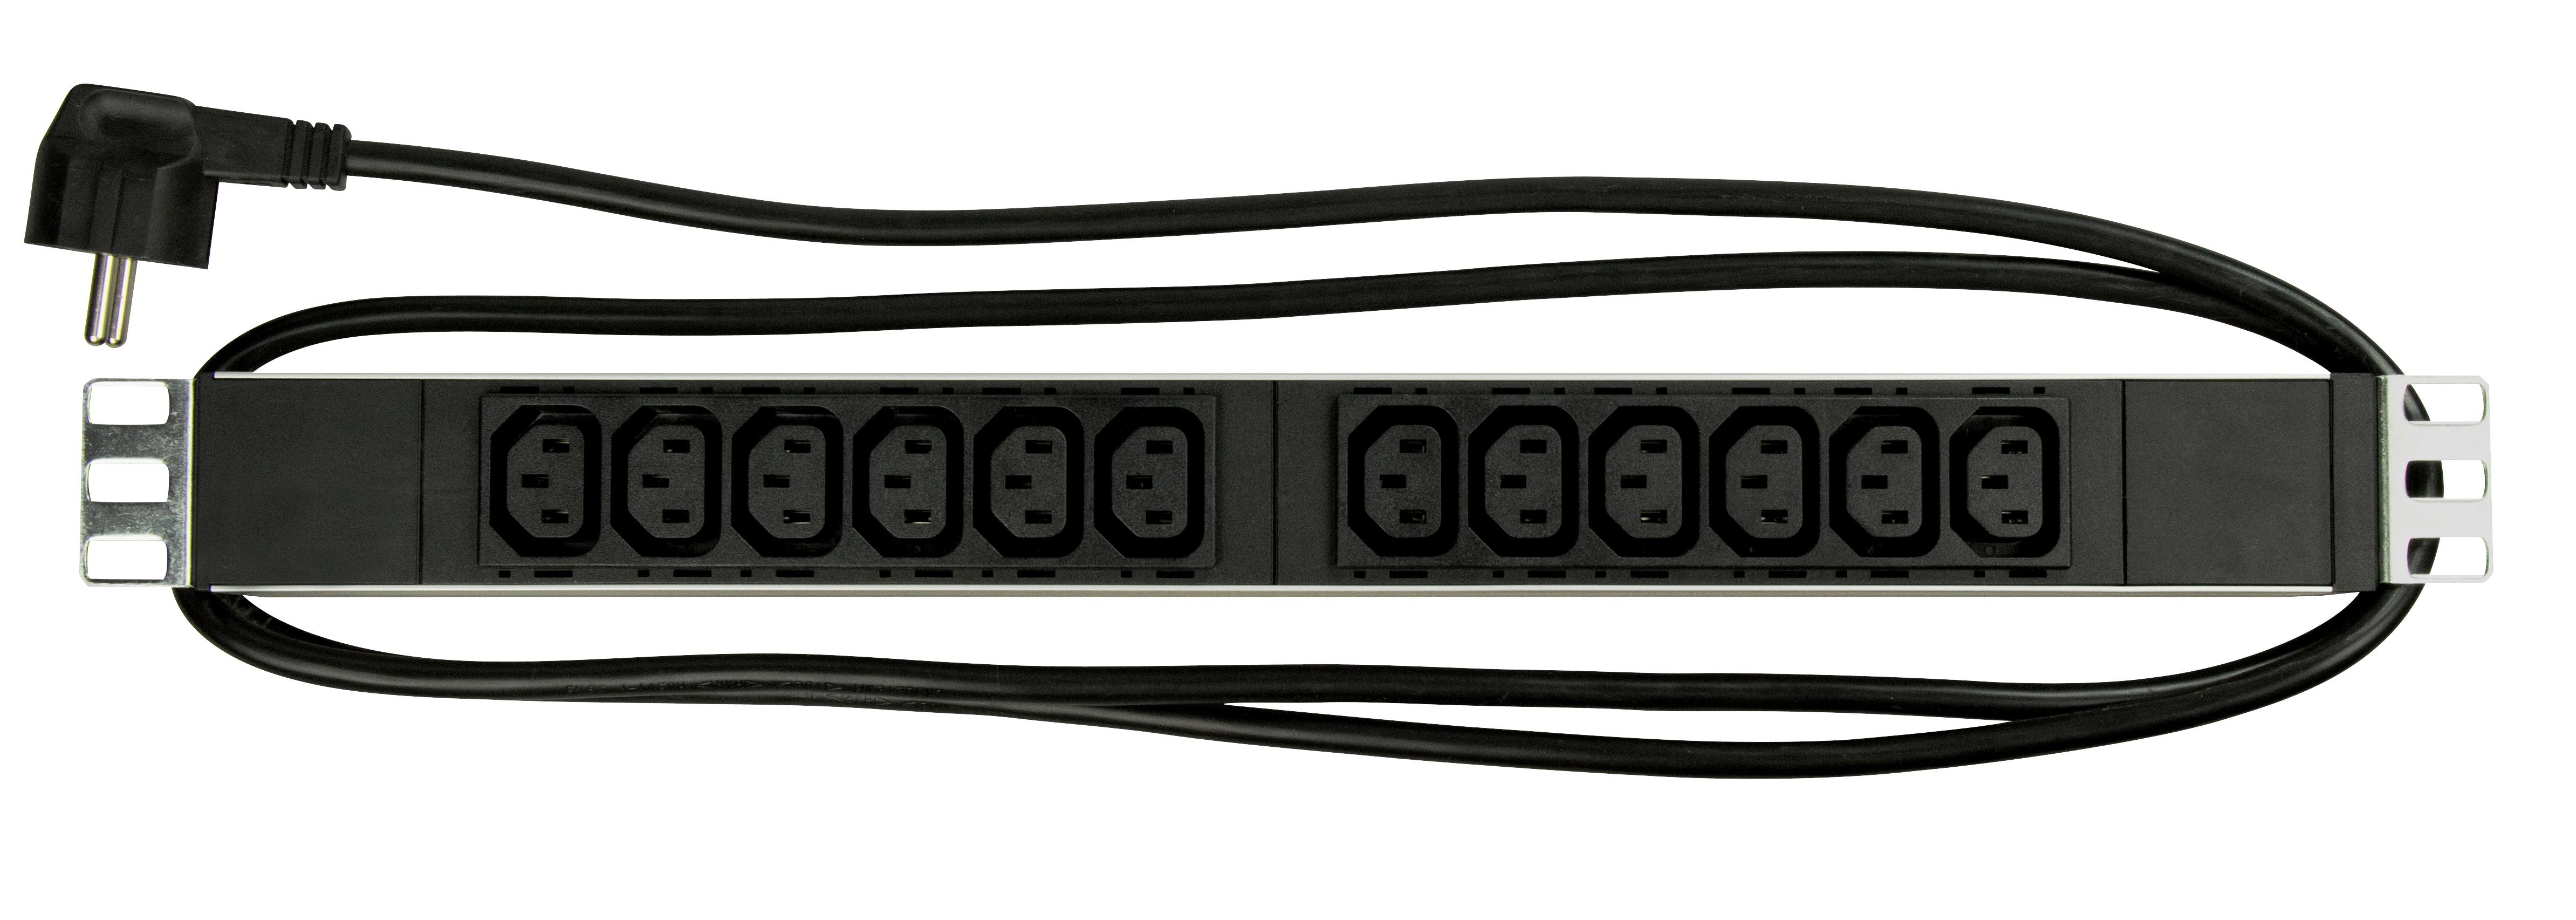 1 Stk 19 Netzleiste 12xIEC C13, Profil ALU 1HE, 2m-Kabel, schwarz IU070116--